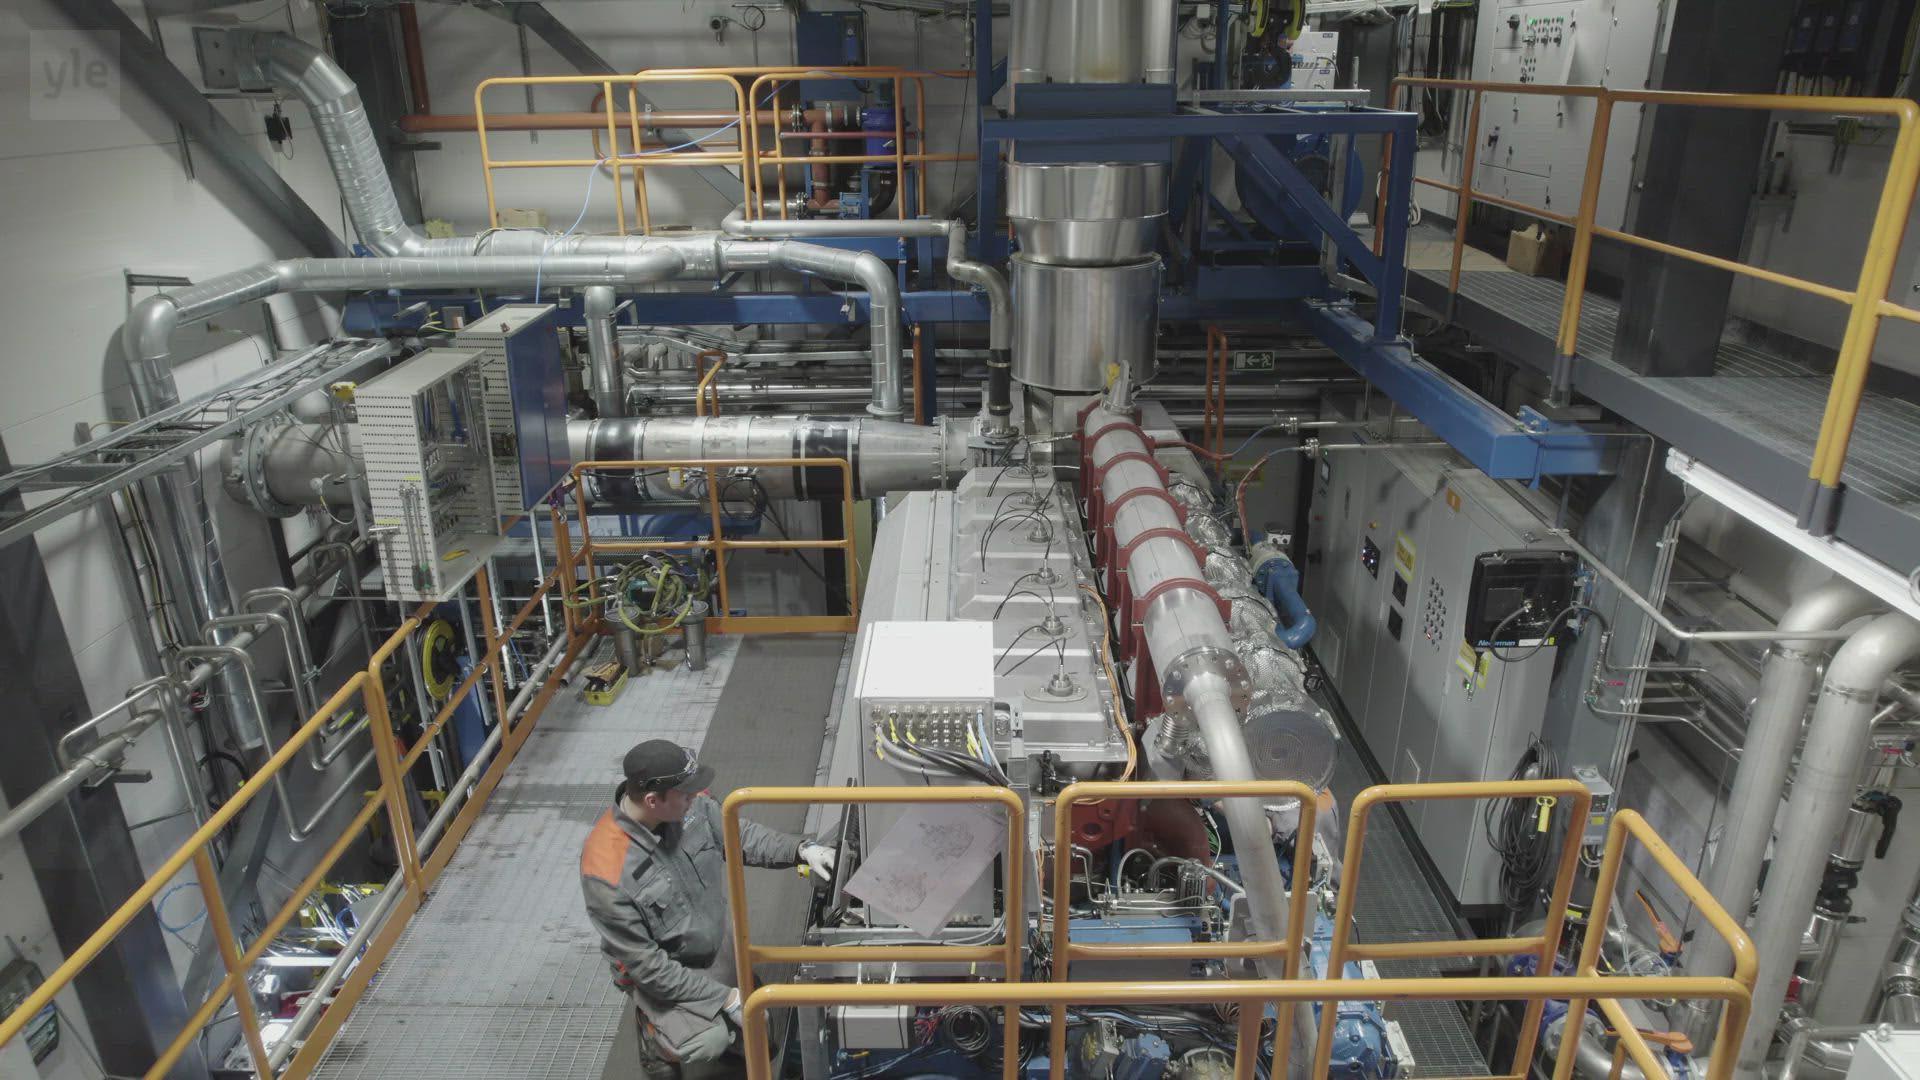 Tulevaisuuden polttoaineiden testaamisessa tarvitaan taskulamppuakin. Katso mitä Vaasan moottorilaboratoriossa tapahtuu